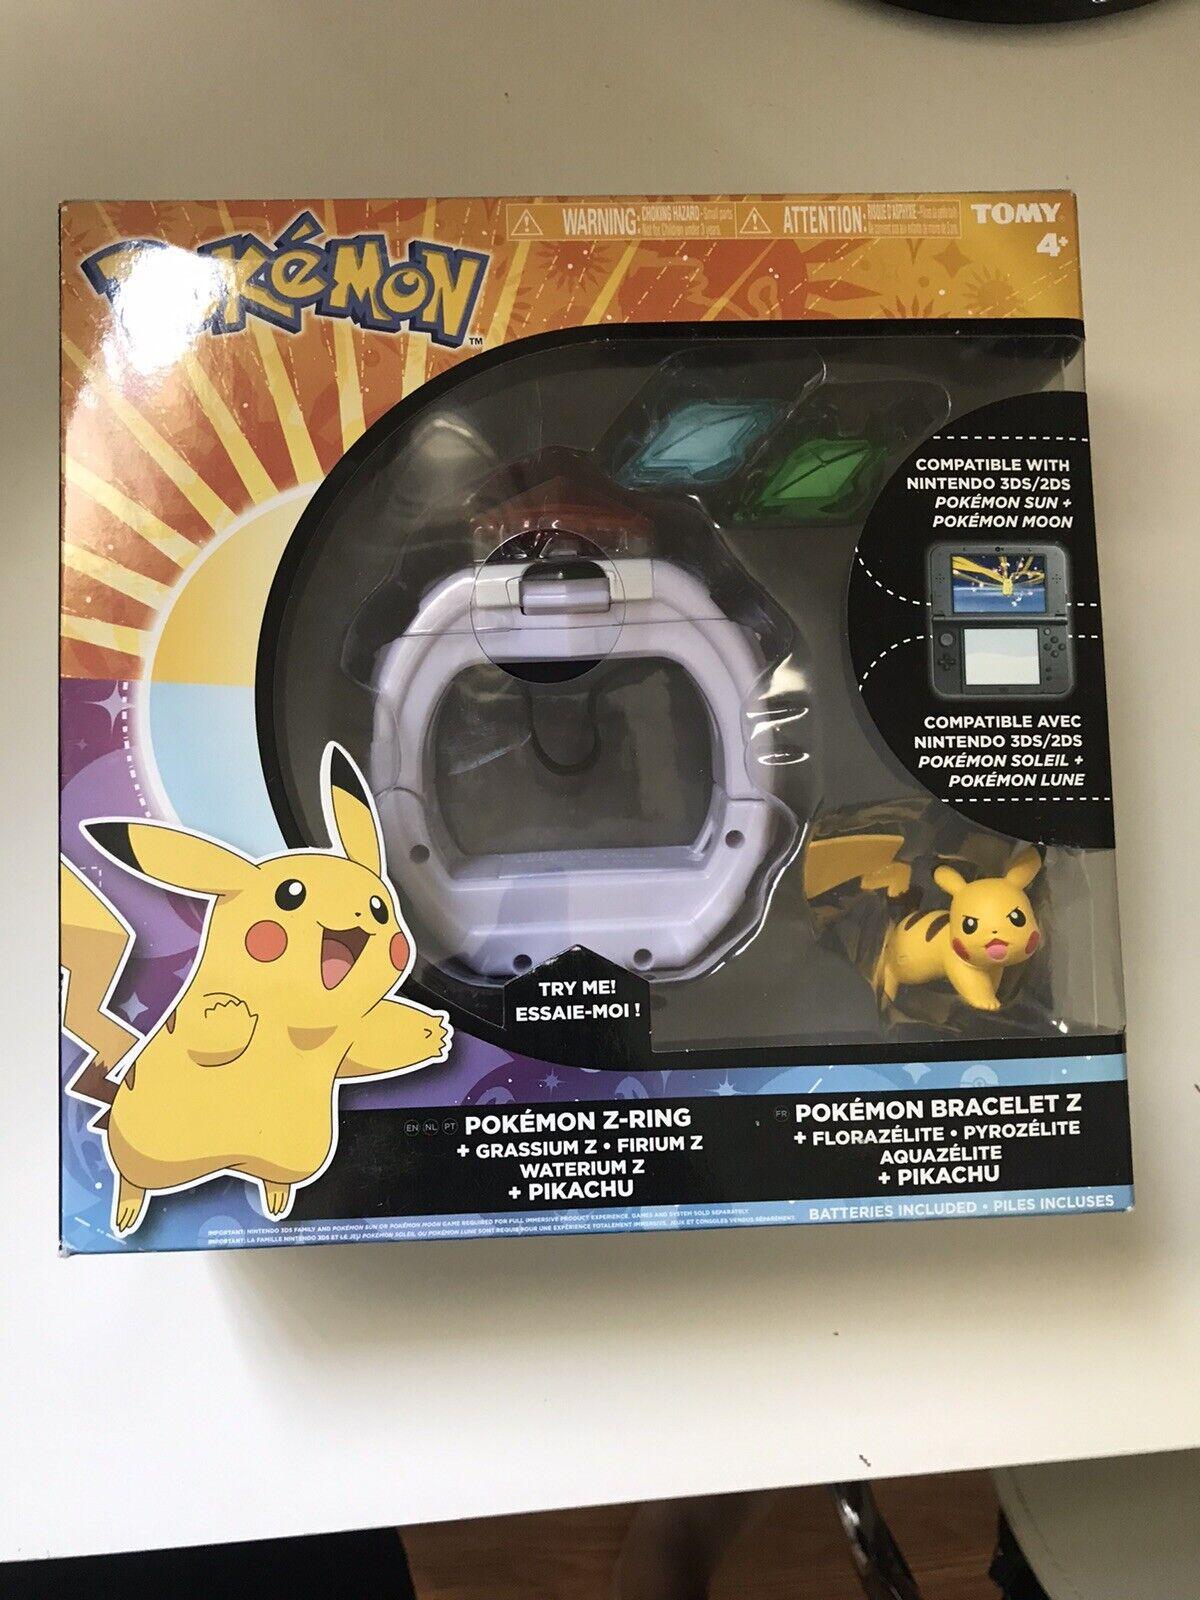 TOMY Pokémon Z-Ring 9 Crystal Set Works w/ Pokémon Sun & M